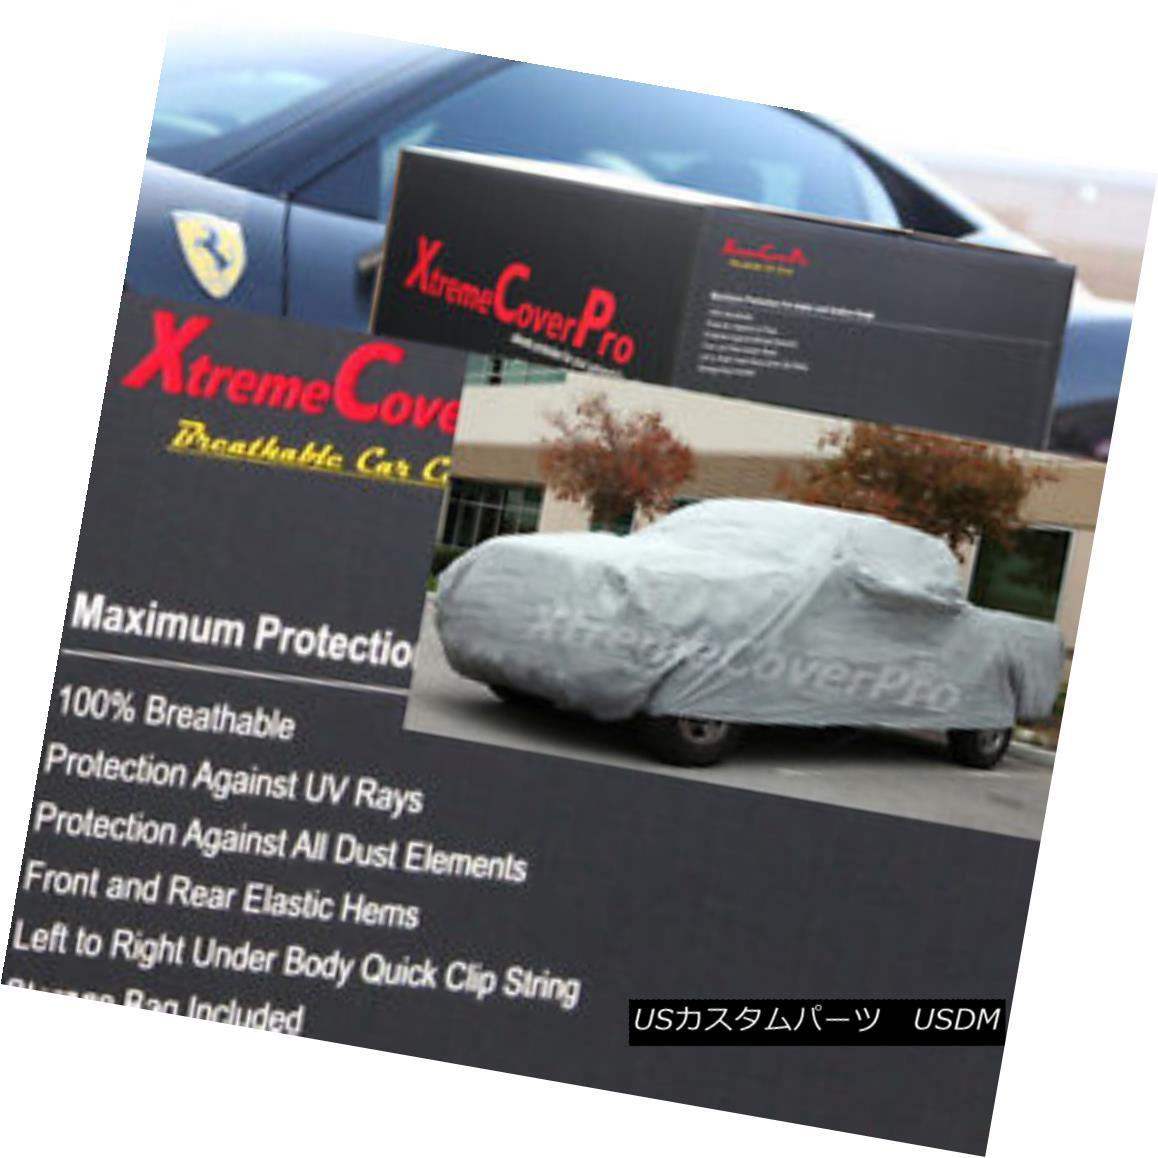 カーカバー 1999 2000 2001 Chevy Silverado 2500 Reg Cab 8ft Long Bed Breathable Truck Cover 1999 2000 2001 Chevy Silverado 2500 Reg Cab 8ftロングベッド通気性トラックカバー